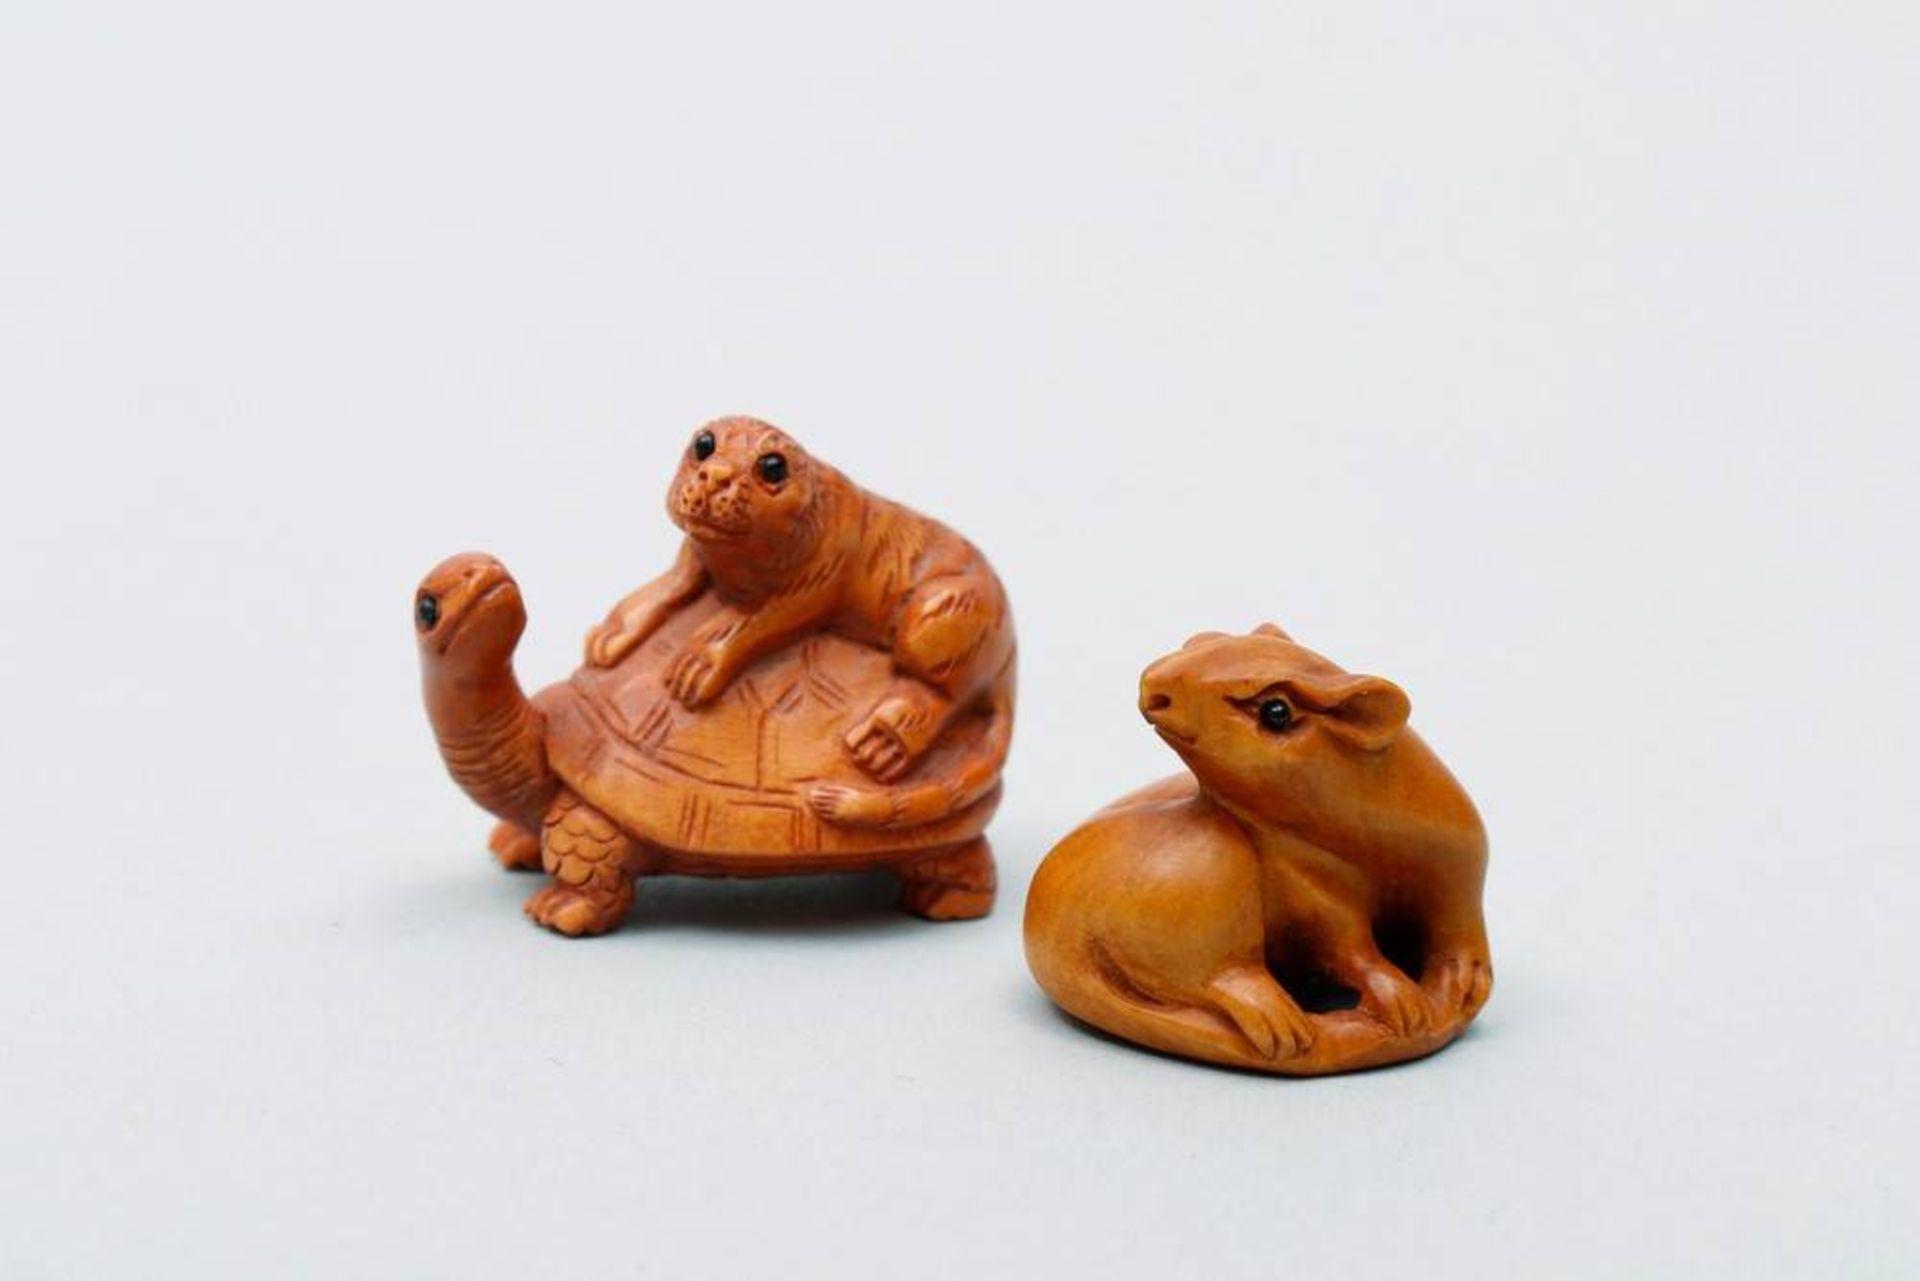 2 Ojime wohl Japan, um 1900/20, sitzende Ratte mit Glasaugen und Tiger auf einer Schildkröte